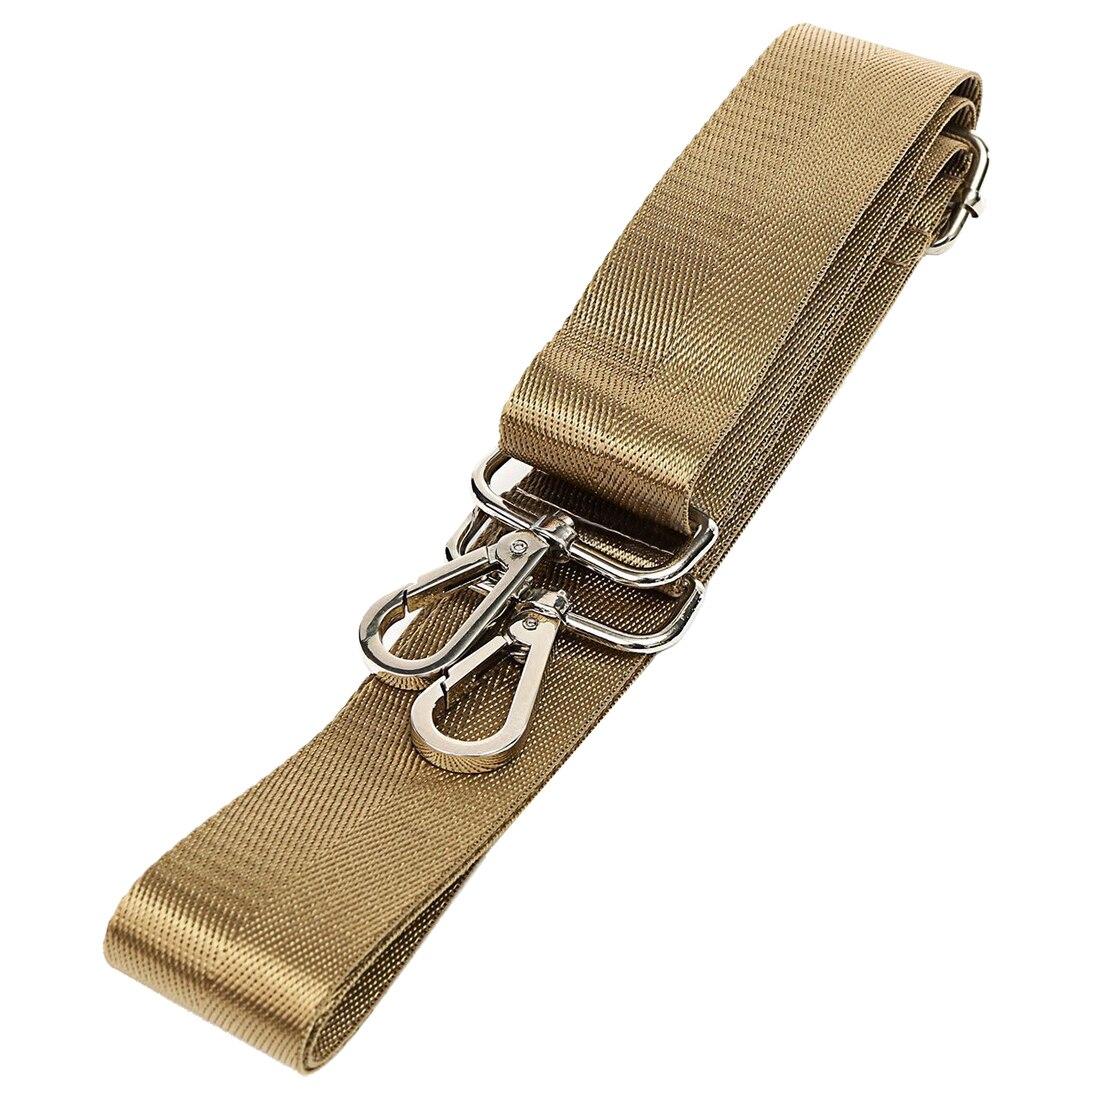 Замена сумка ремни регулируемый ремень Чемодан Камера сумка, хаки 1 шт. ...